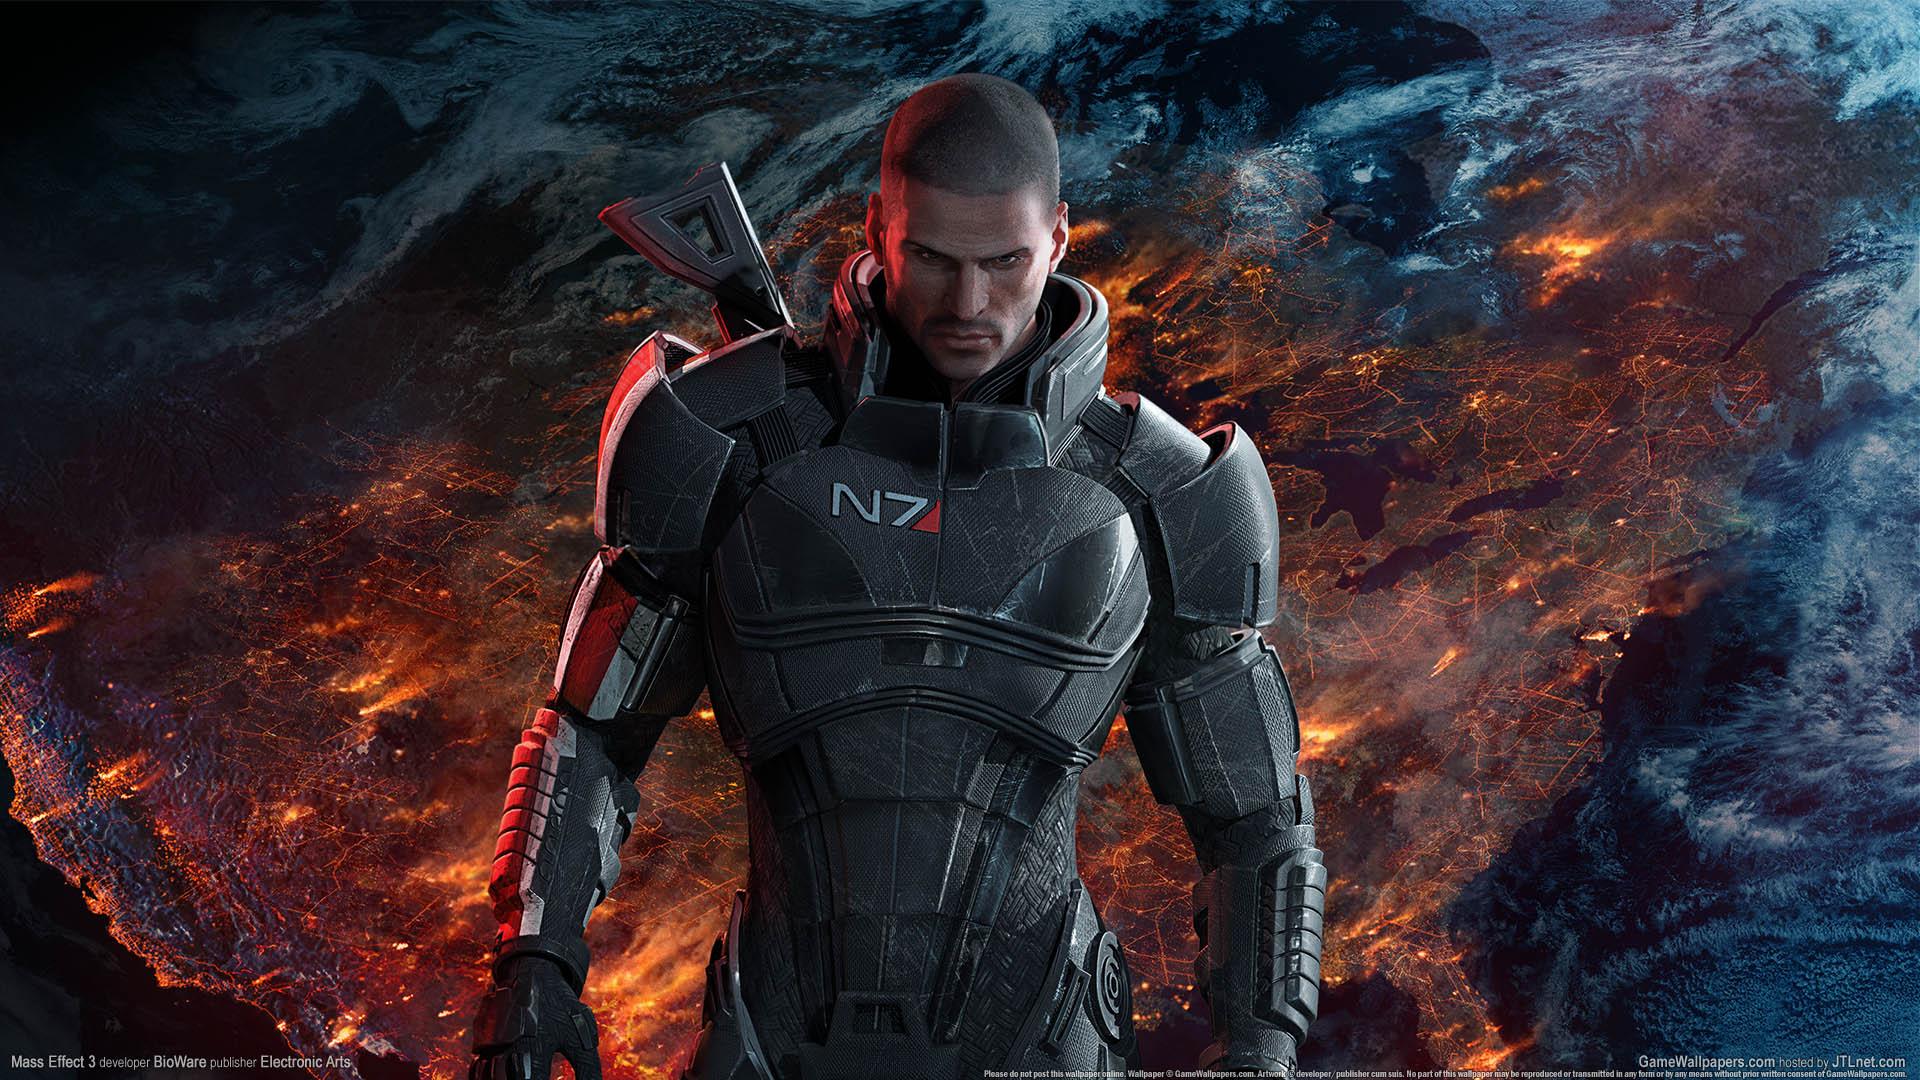 Mass Effect 3 Wallpaper 01 1920x1080